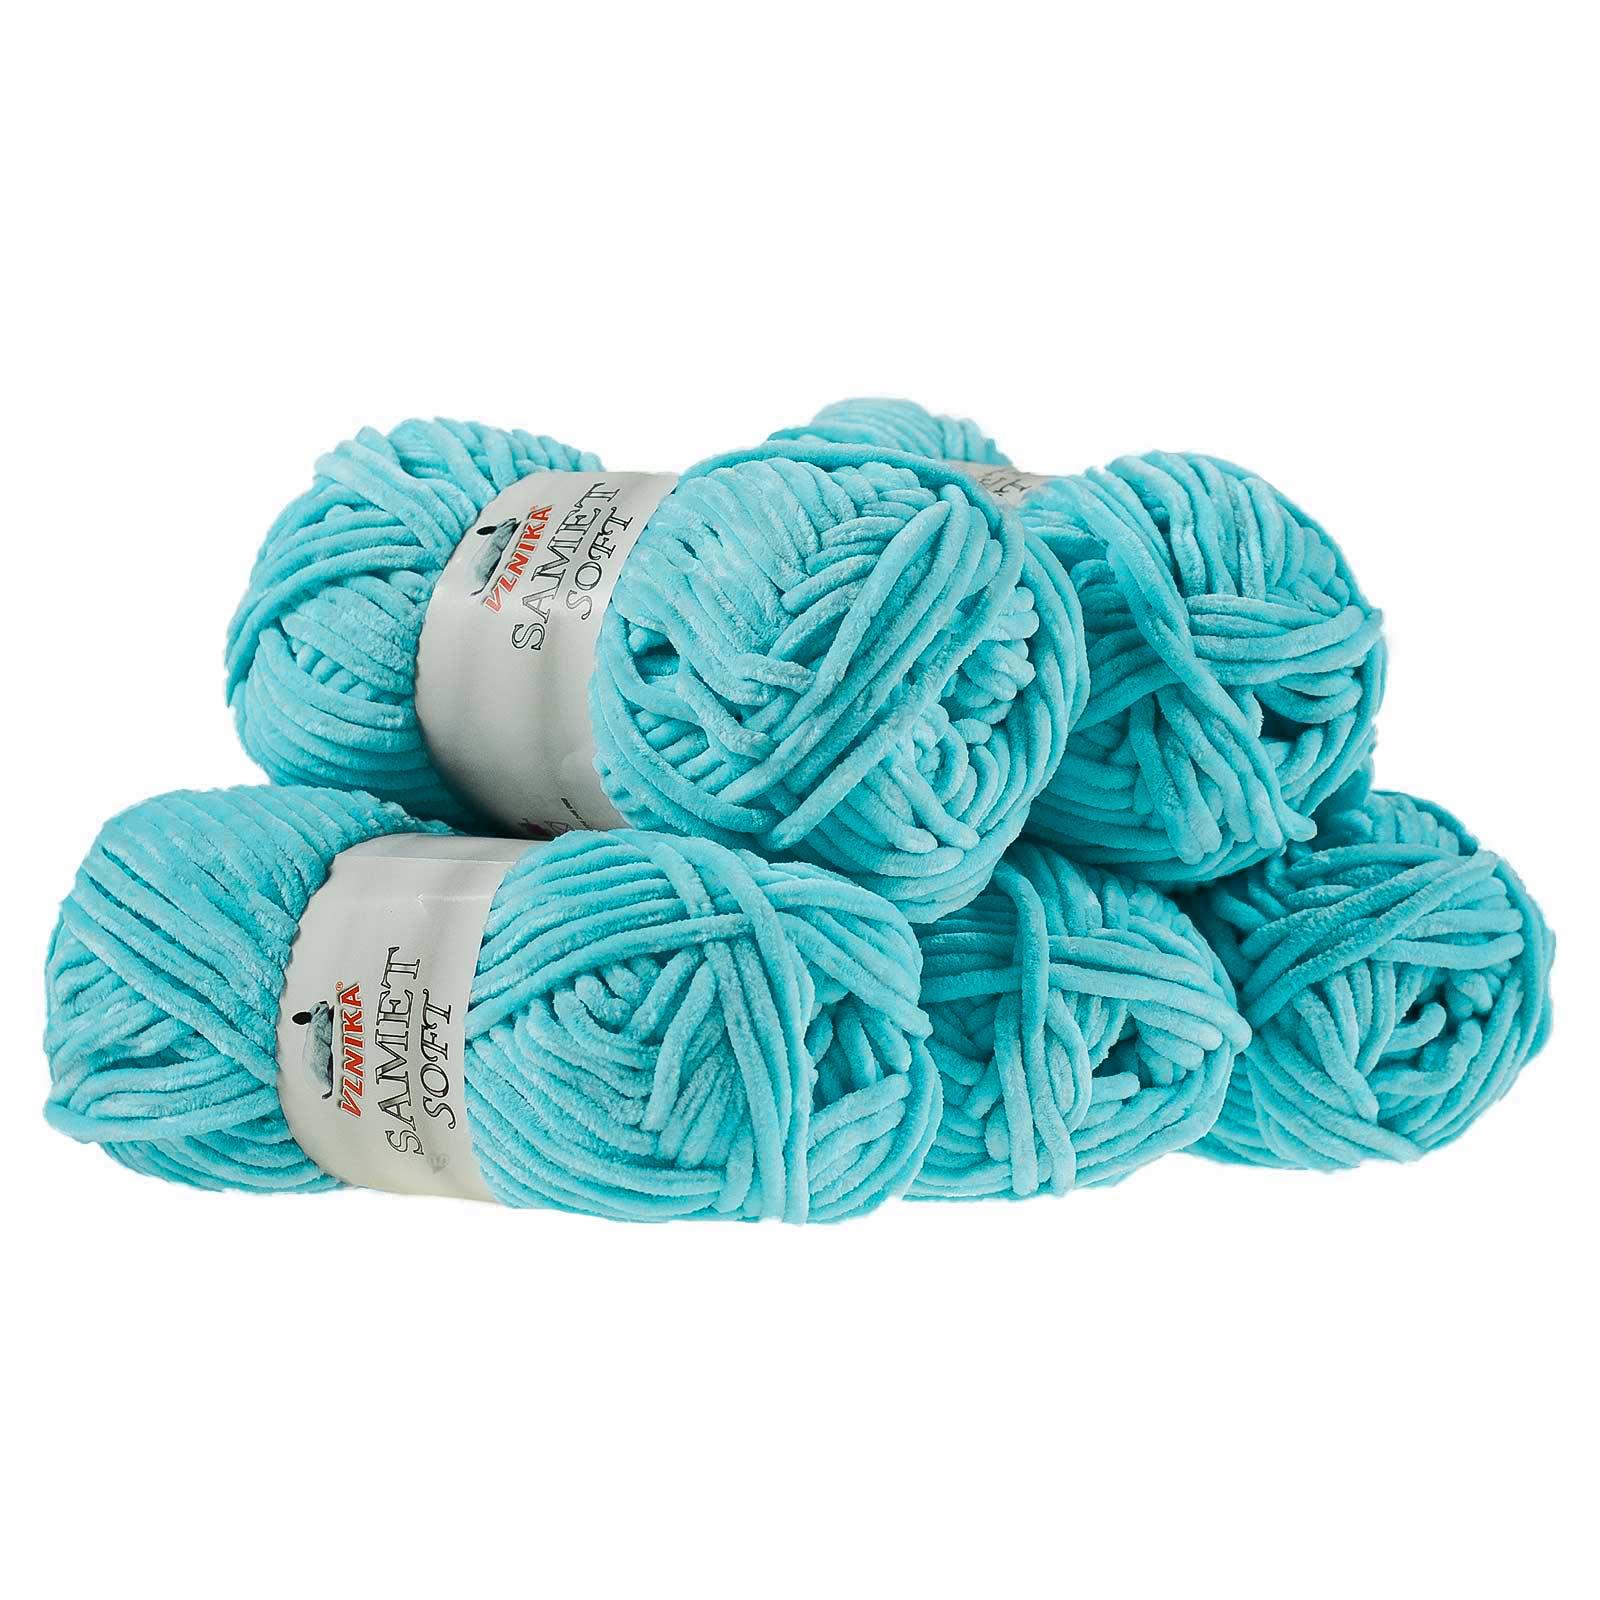 500g Strickgarn Samet Soft Chenille-Strickgarn Samtwolle Strickwolle flauschige Farbwahl – Bild 16